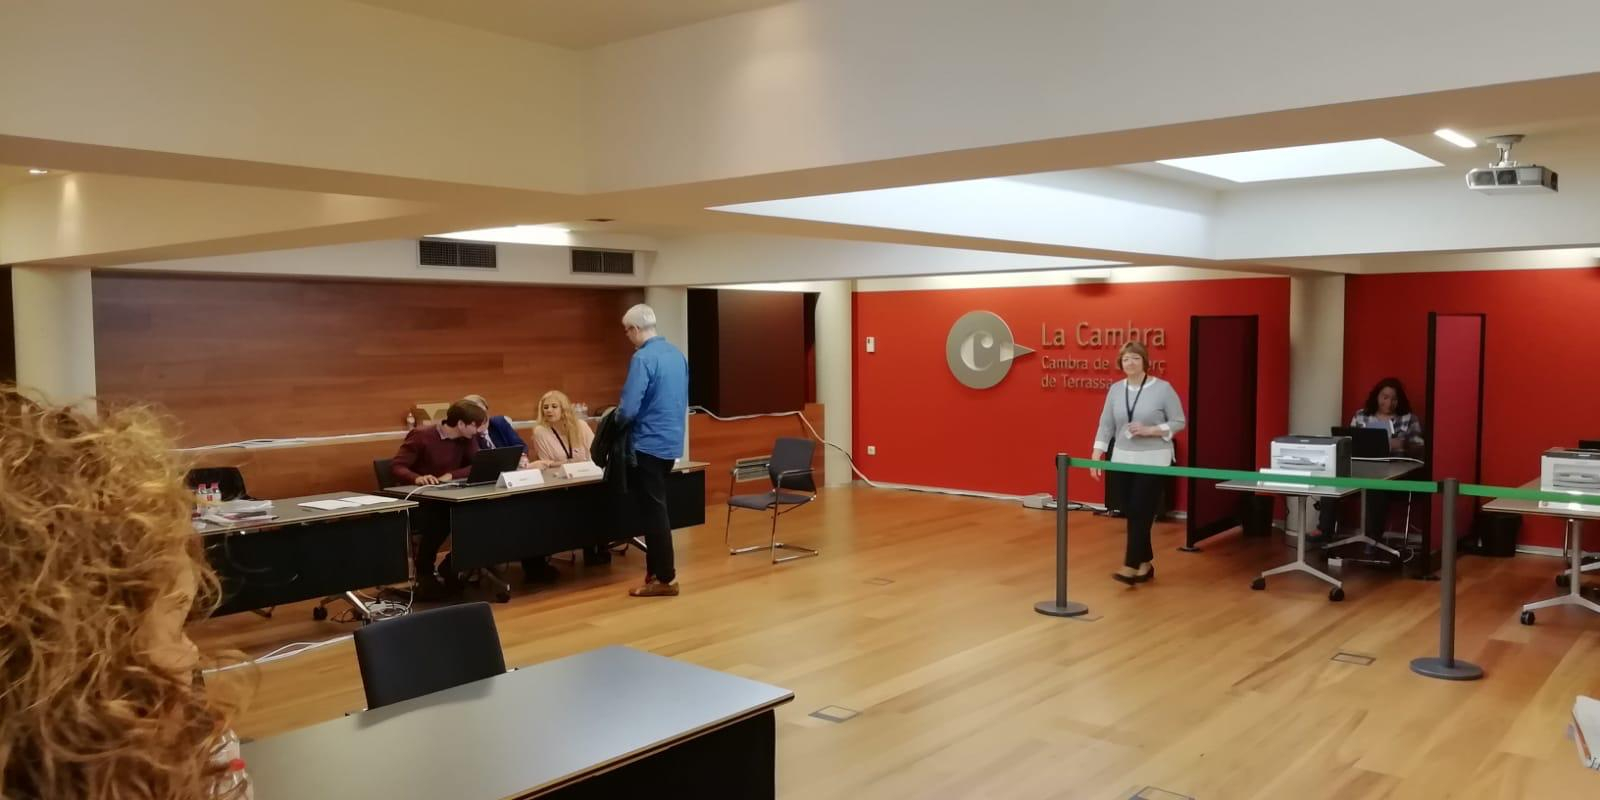 Les eleccions presencials a la Cambra de Terrassa s'han obert i tancat aquest dimecres